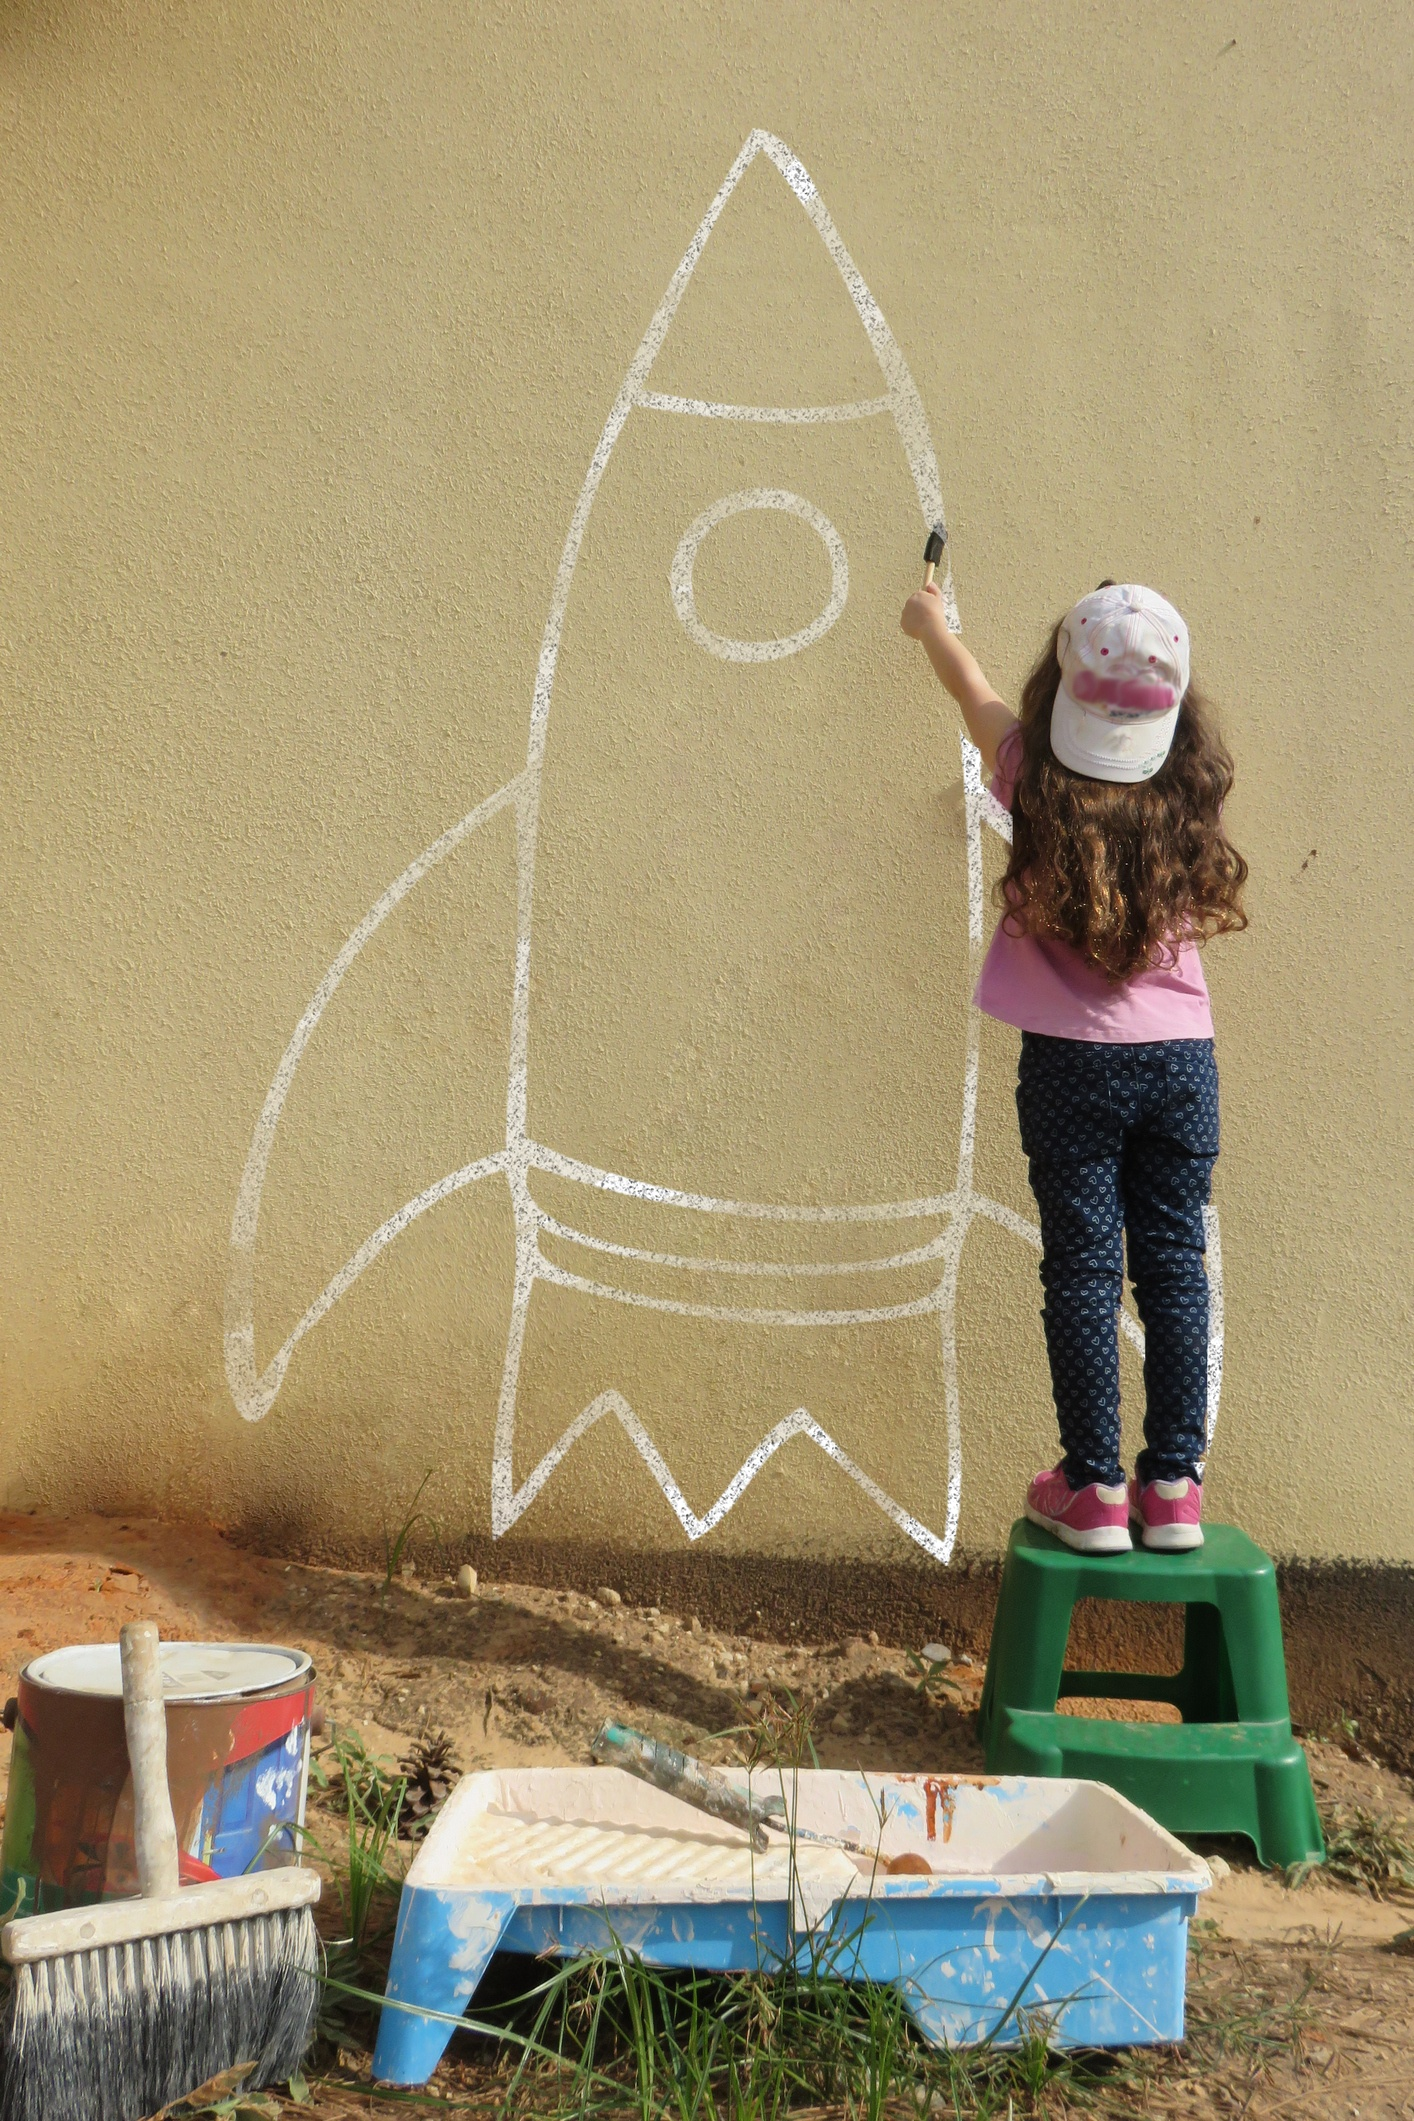 Little girl painting her dream